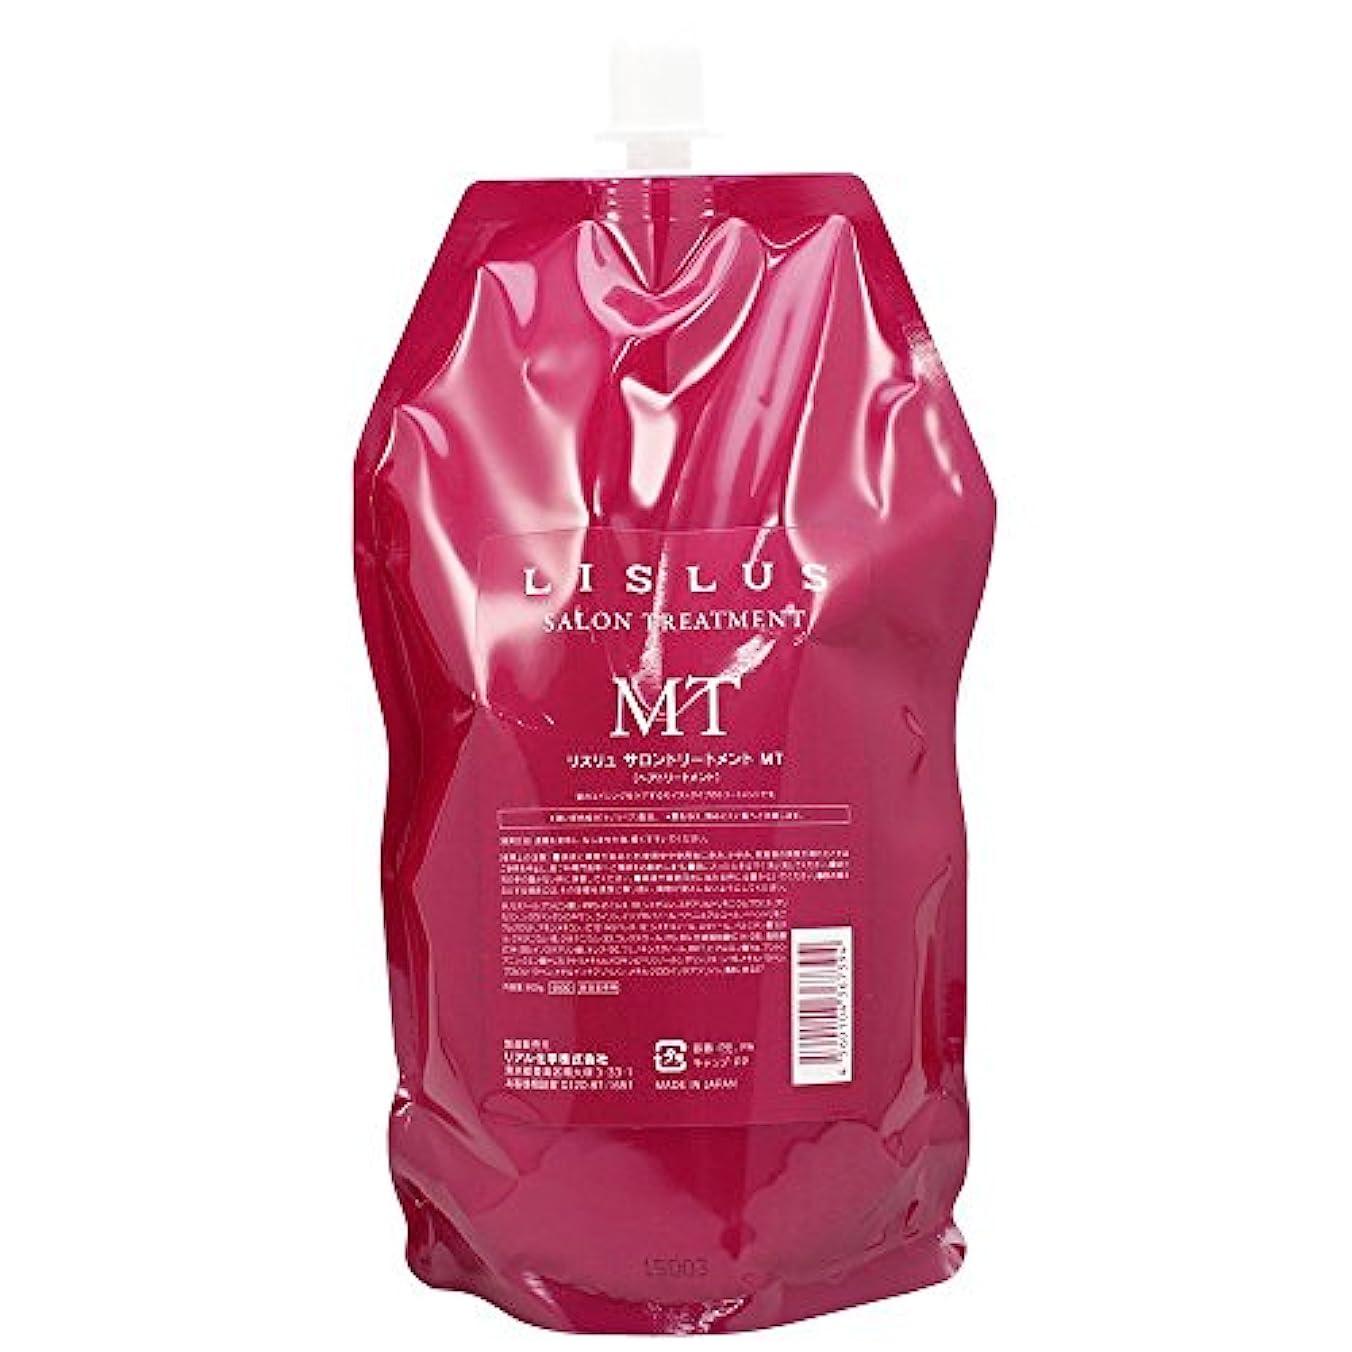 気球気球農業リアル化学 リスリュ サロントリートメント MT レフィル 900g